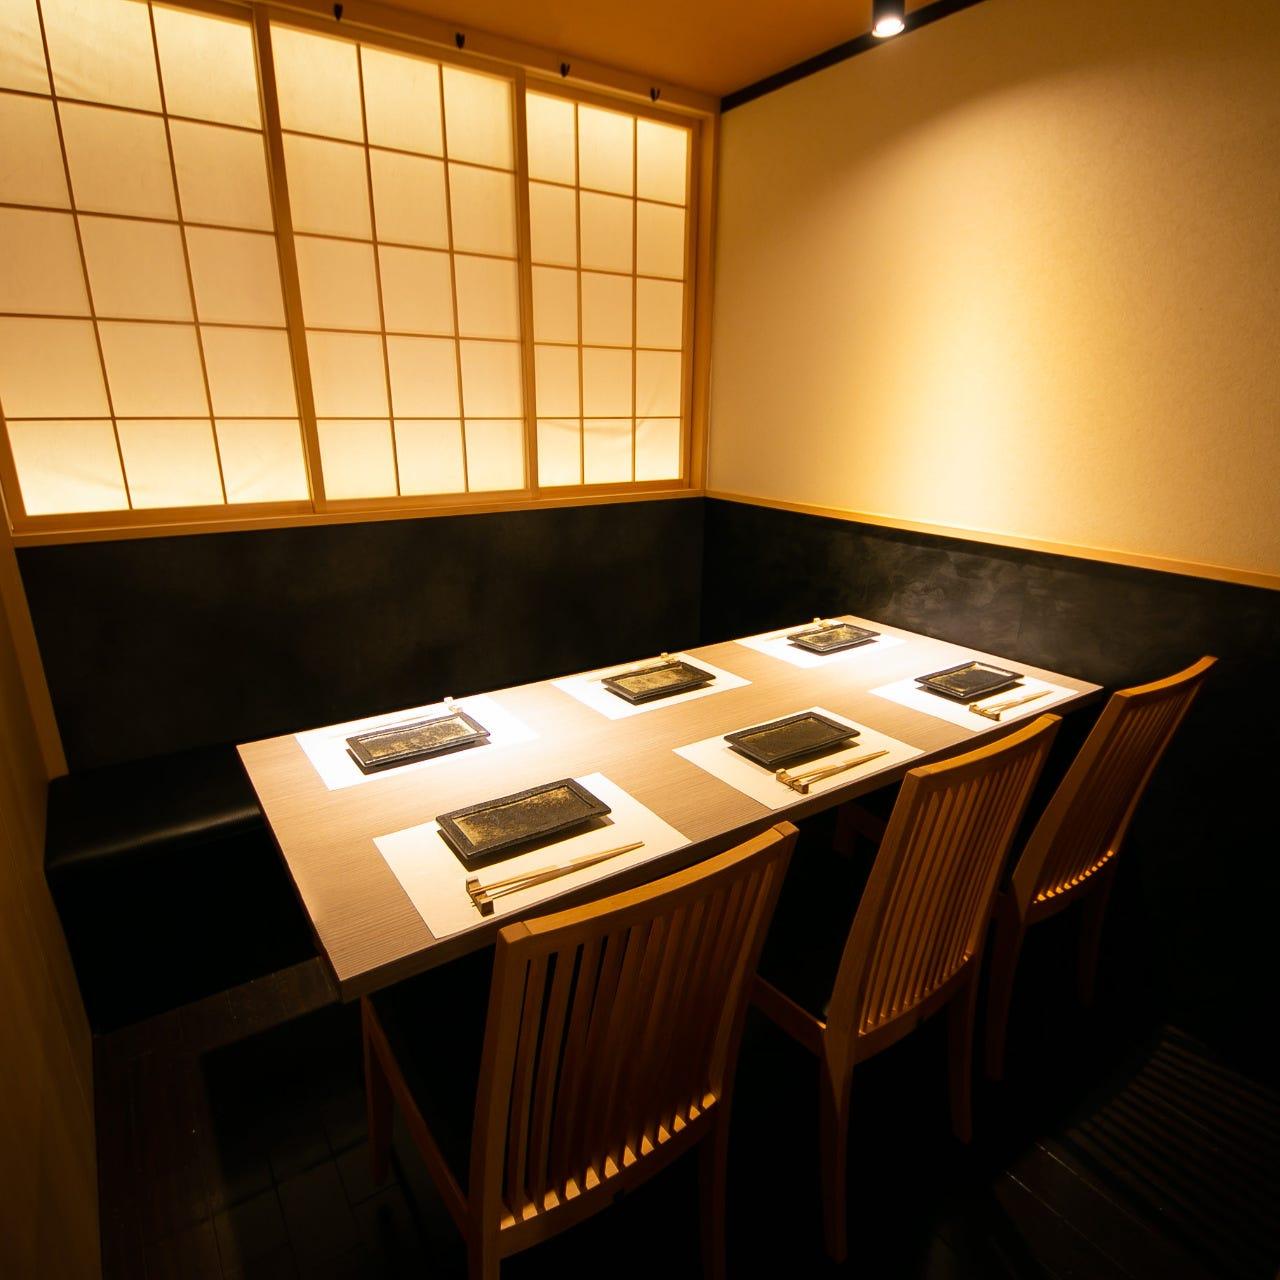 テーブル・掘りごたつ・完全個室(壁・扉あり)・2名様~25名様